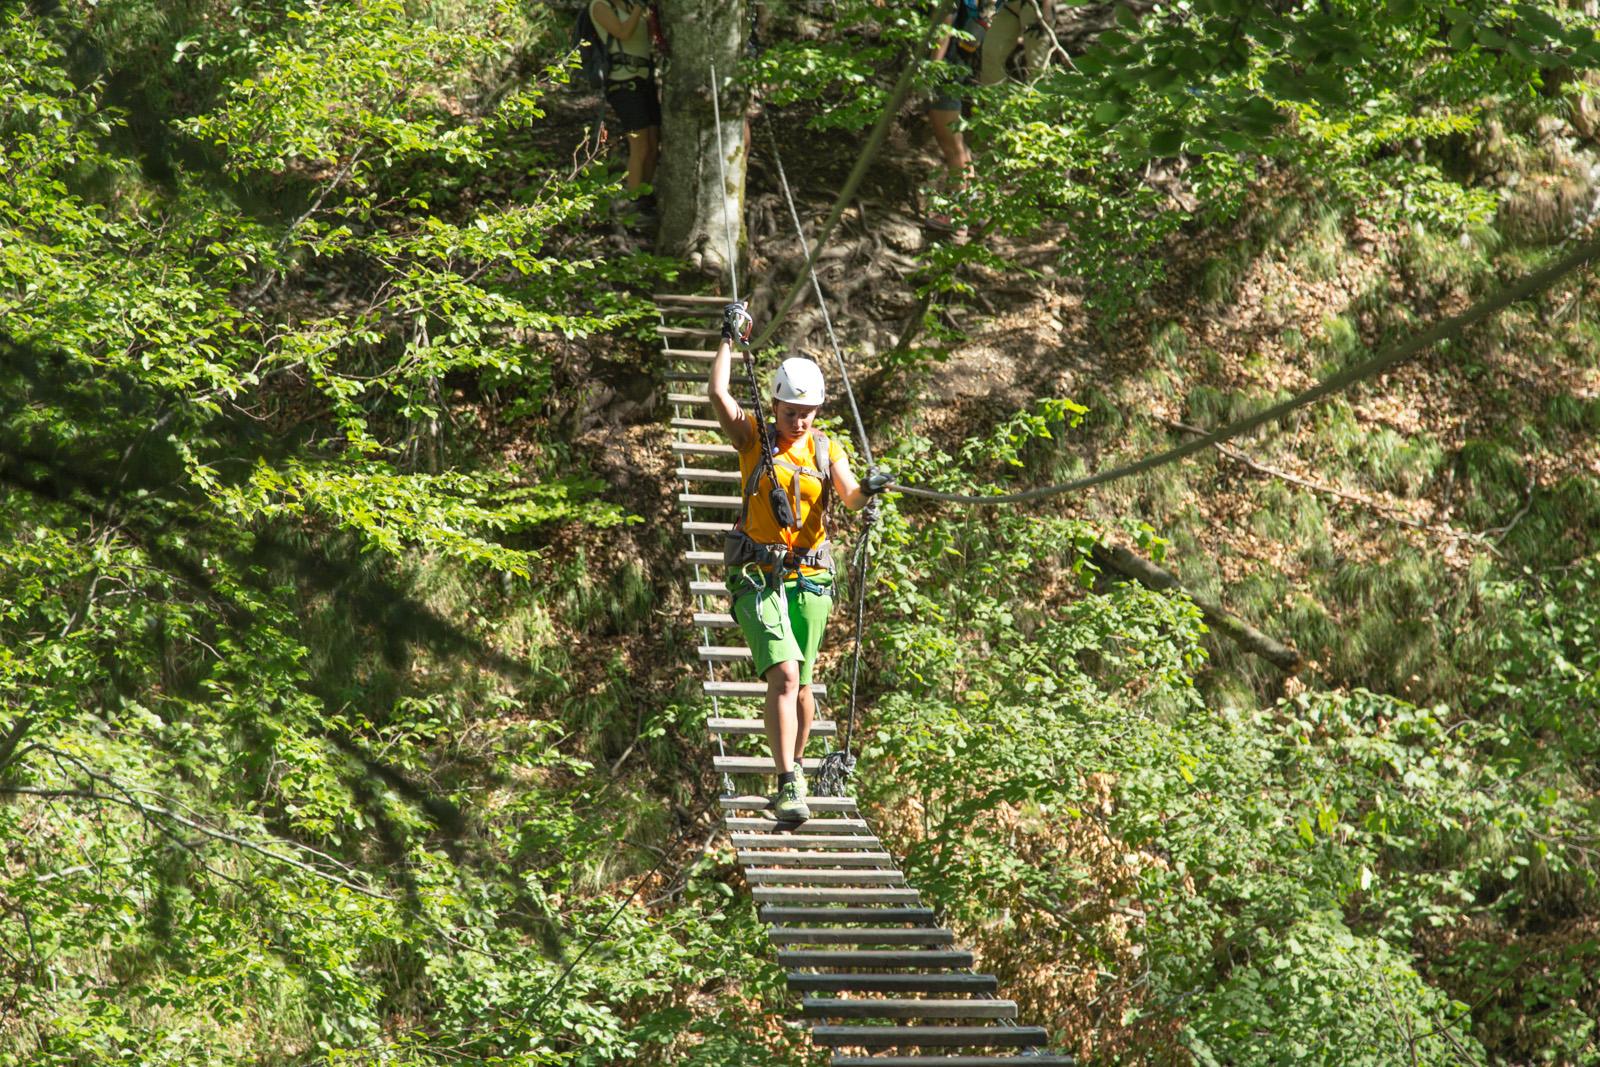 Postalm Klettersteig F Variante : Postalmklamm klettersteig mit f variante bergsteigen